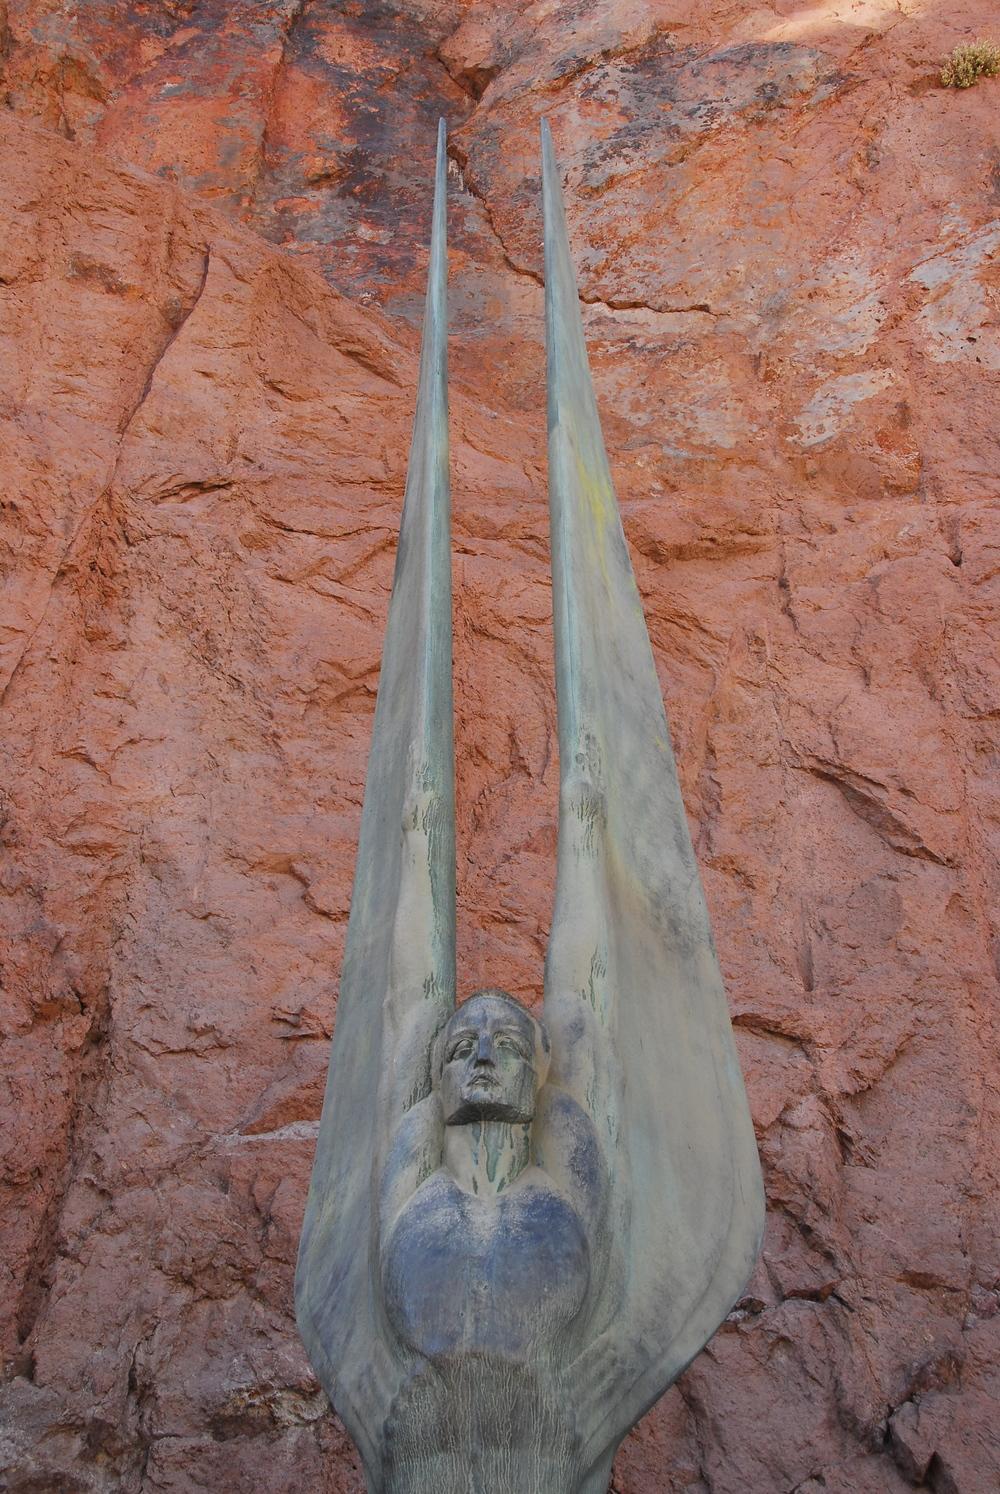 07_Hoover Dam 002.jpg